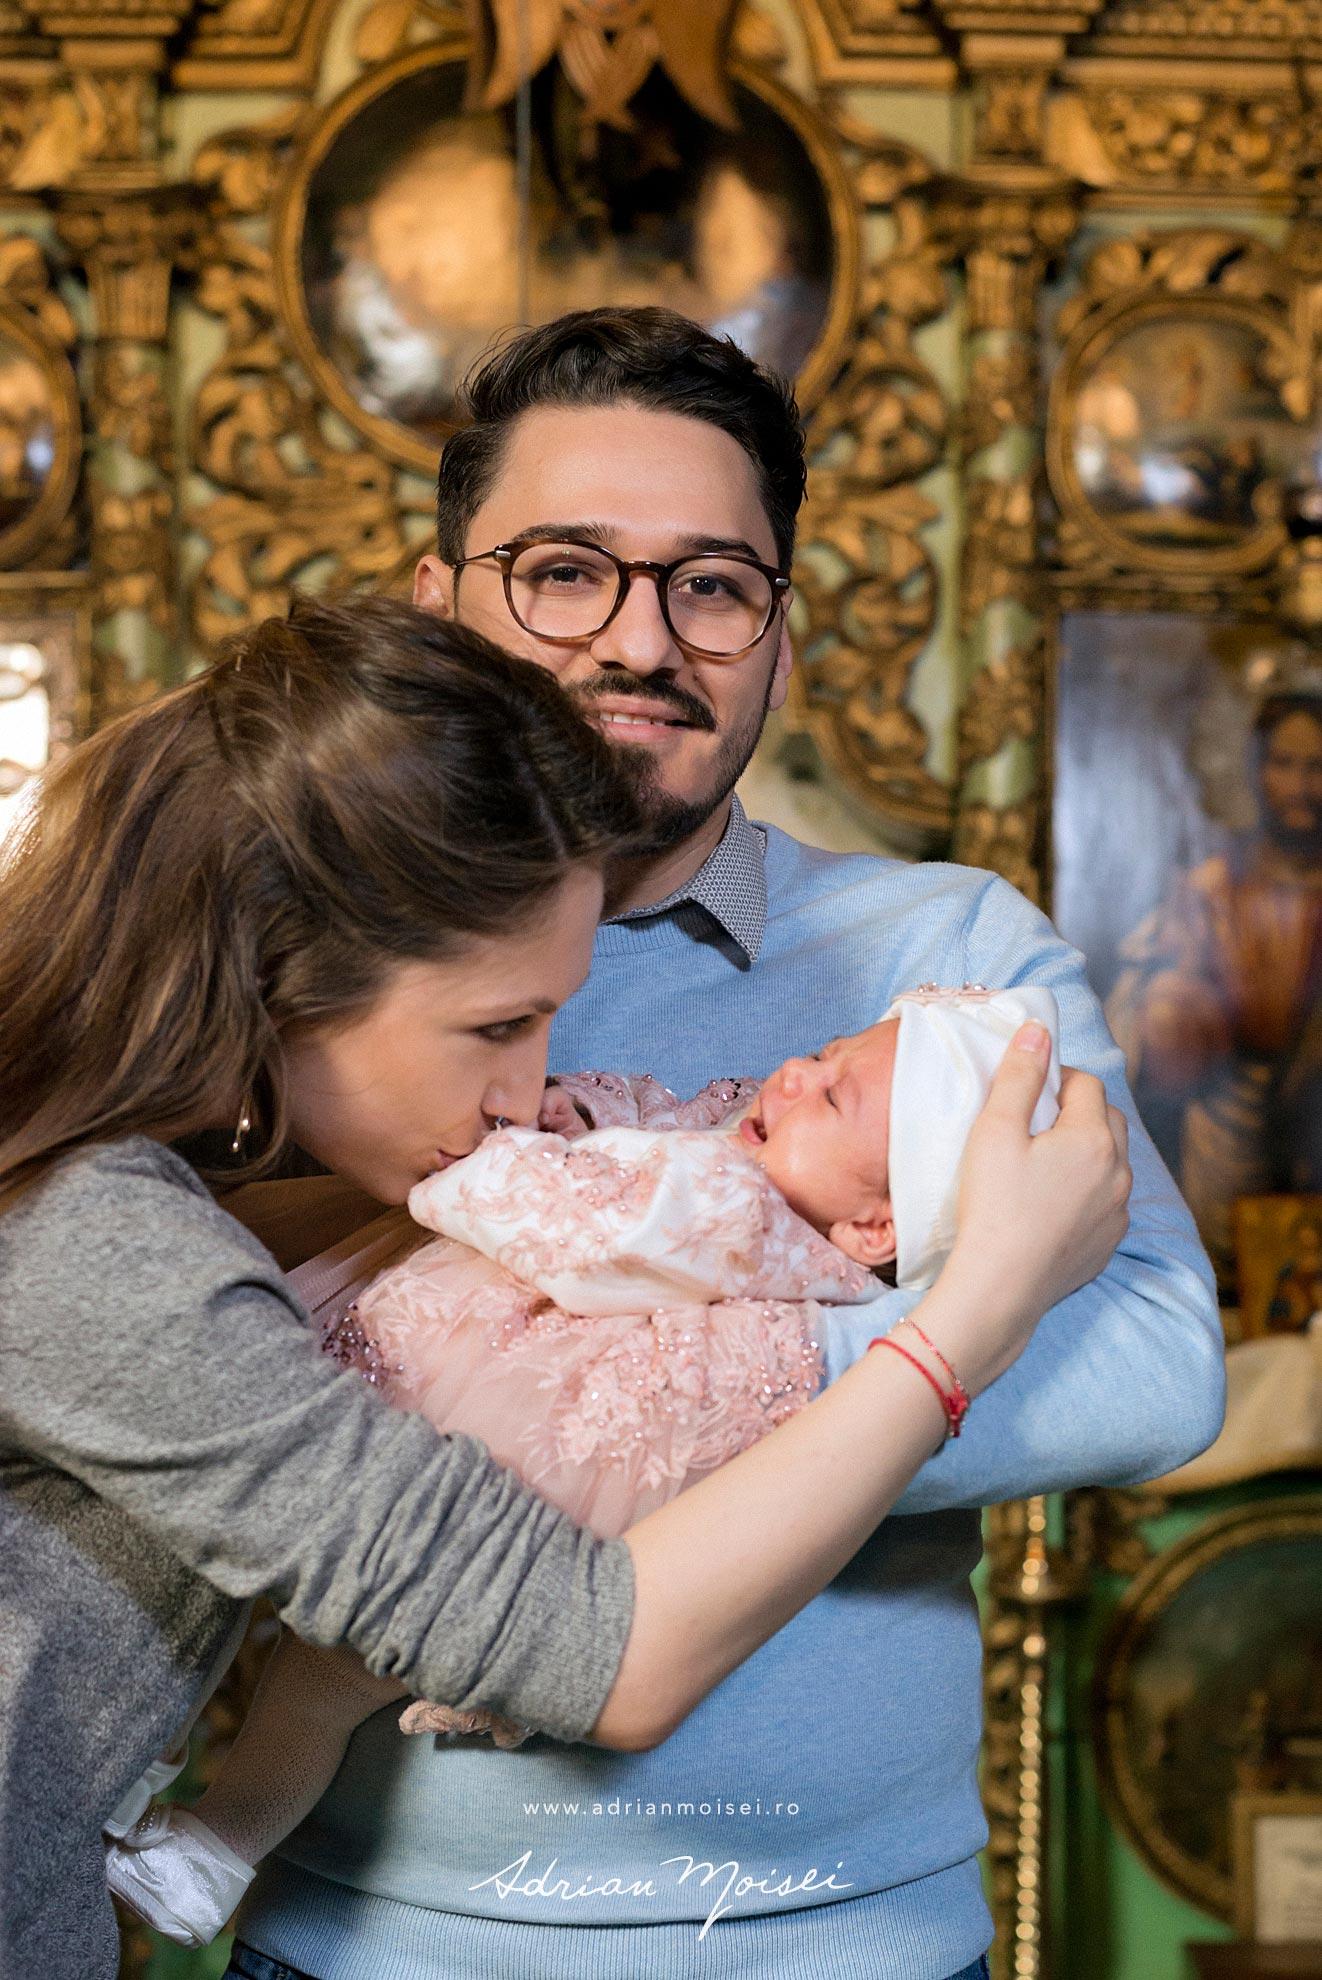 Fotograf de botez in culorile fericirii, in Iași la biserica Adrian Moisei, fotografie de familie